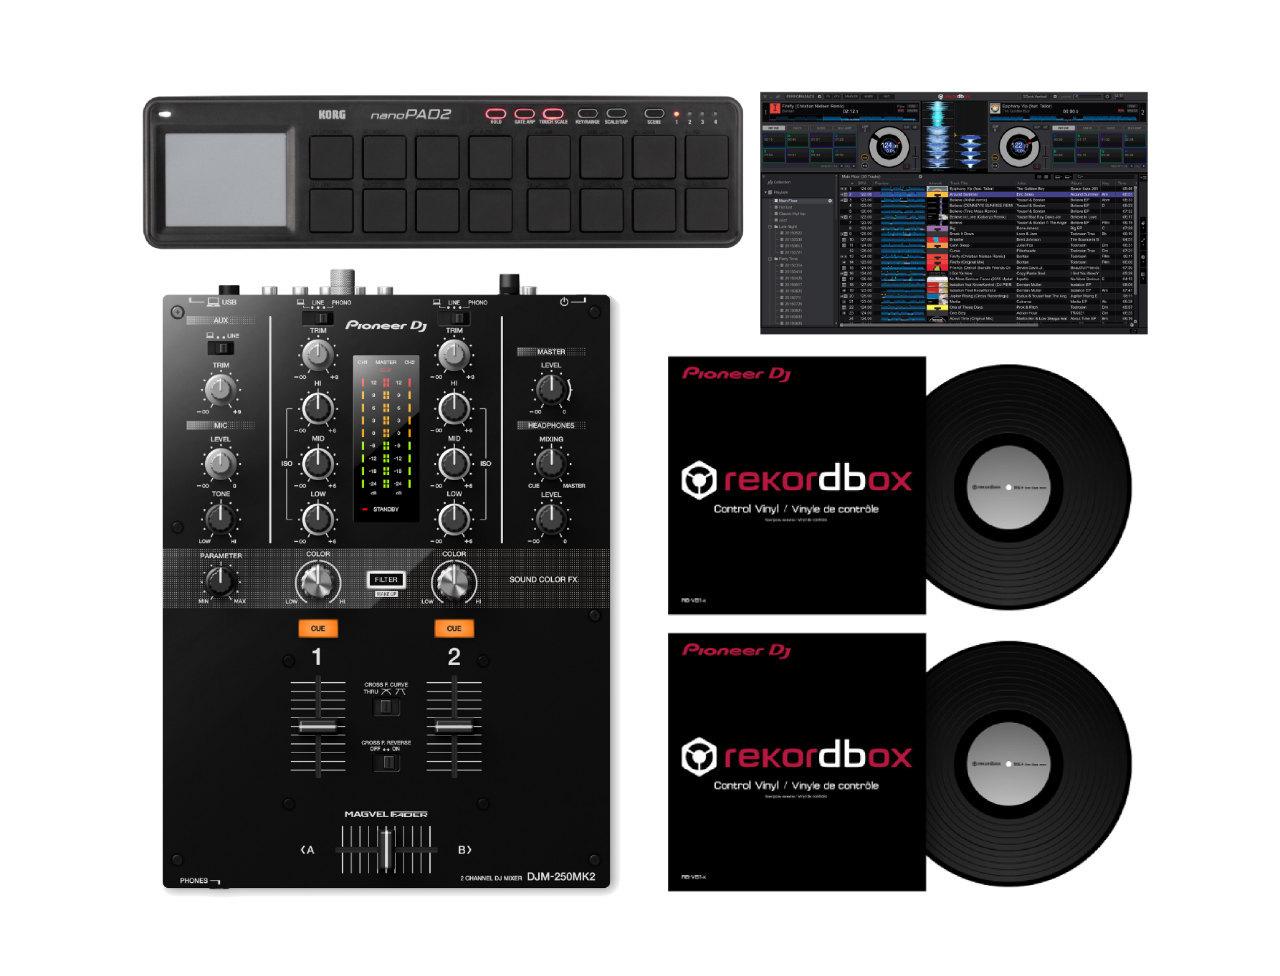 先锋DJ DJM-250MK2 + nanoPAD2(rekordbox的DJ与映射)+控制乙烯